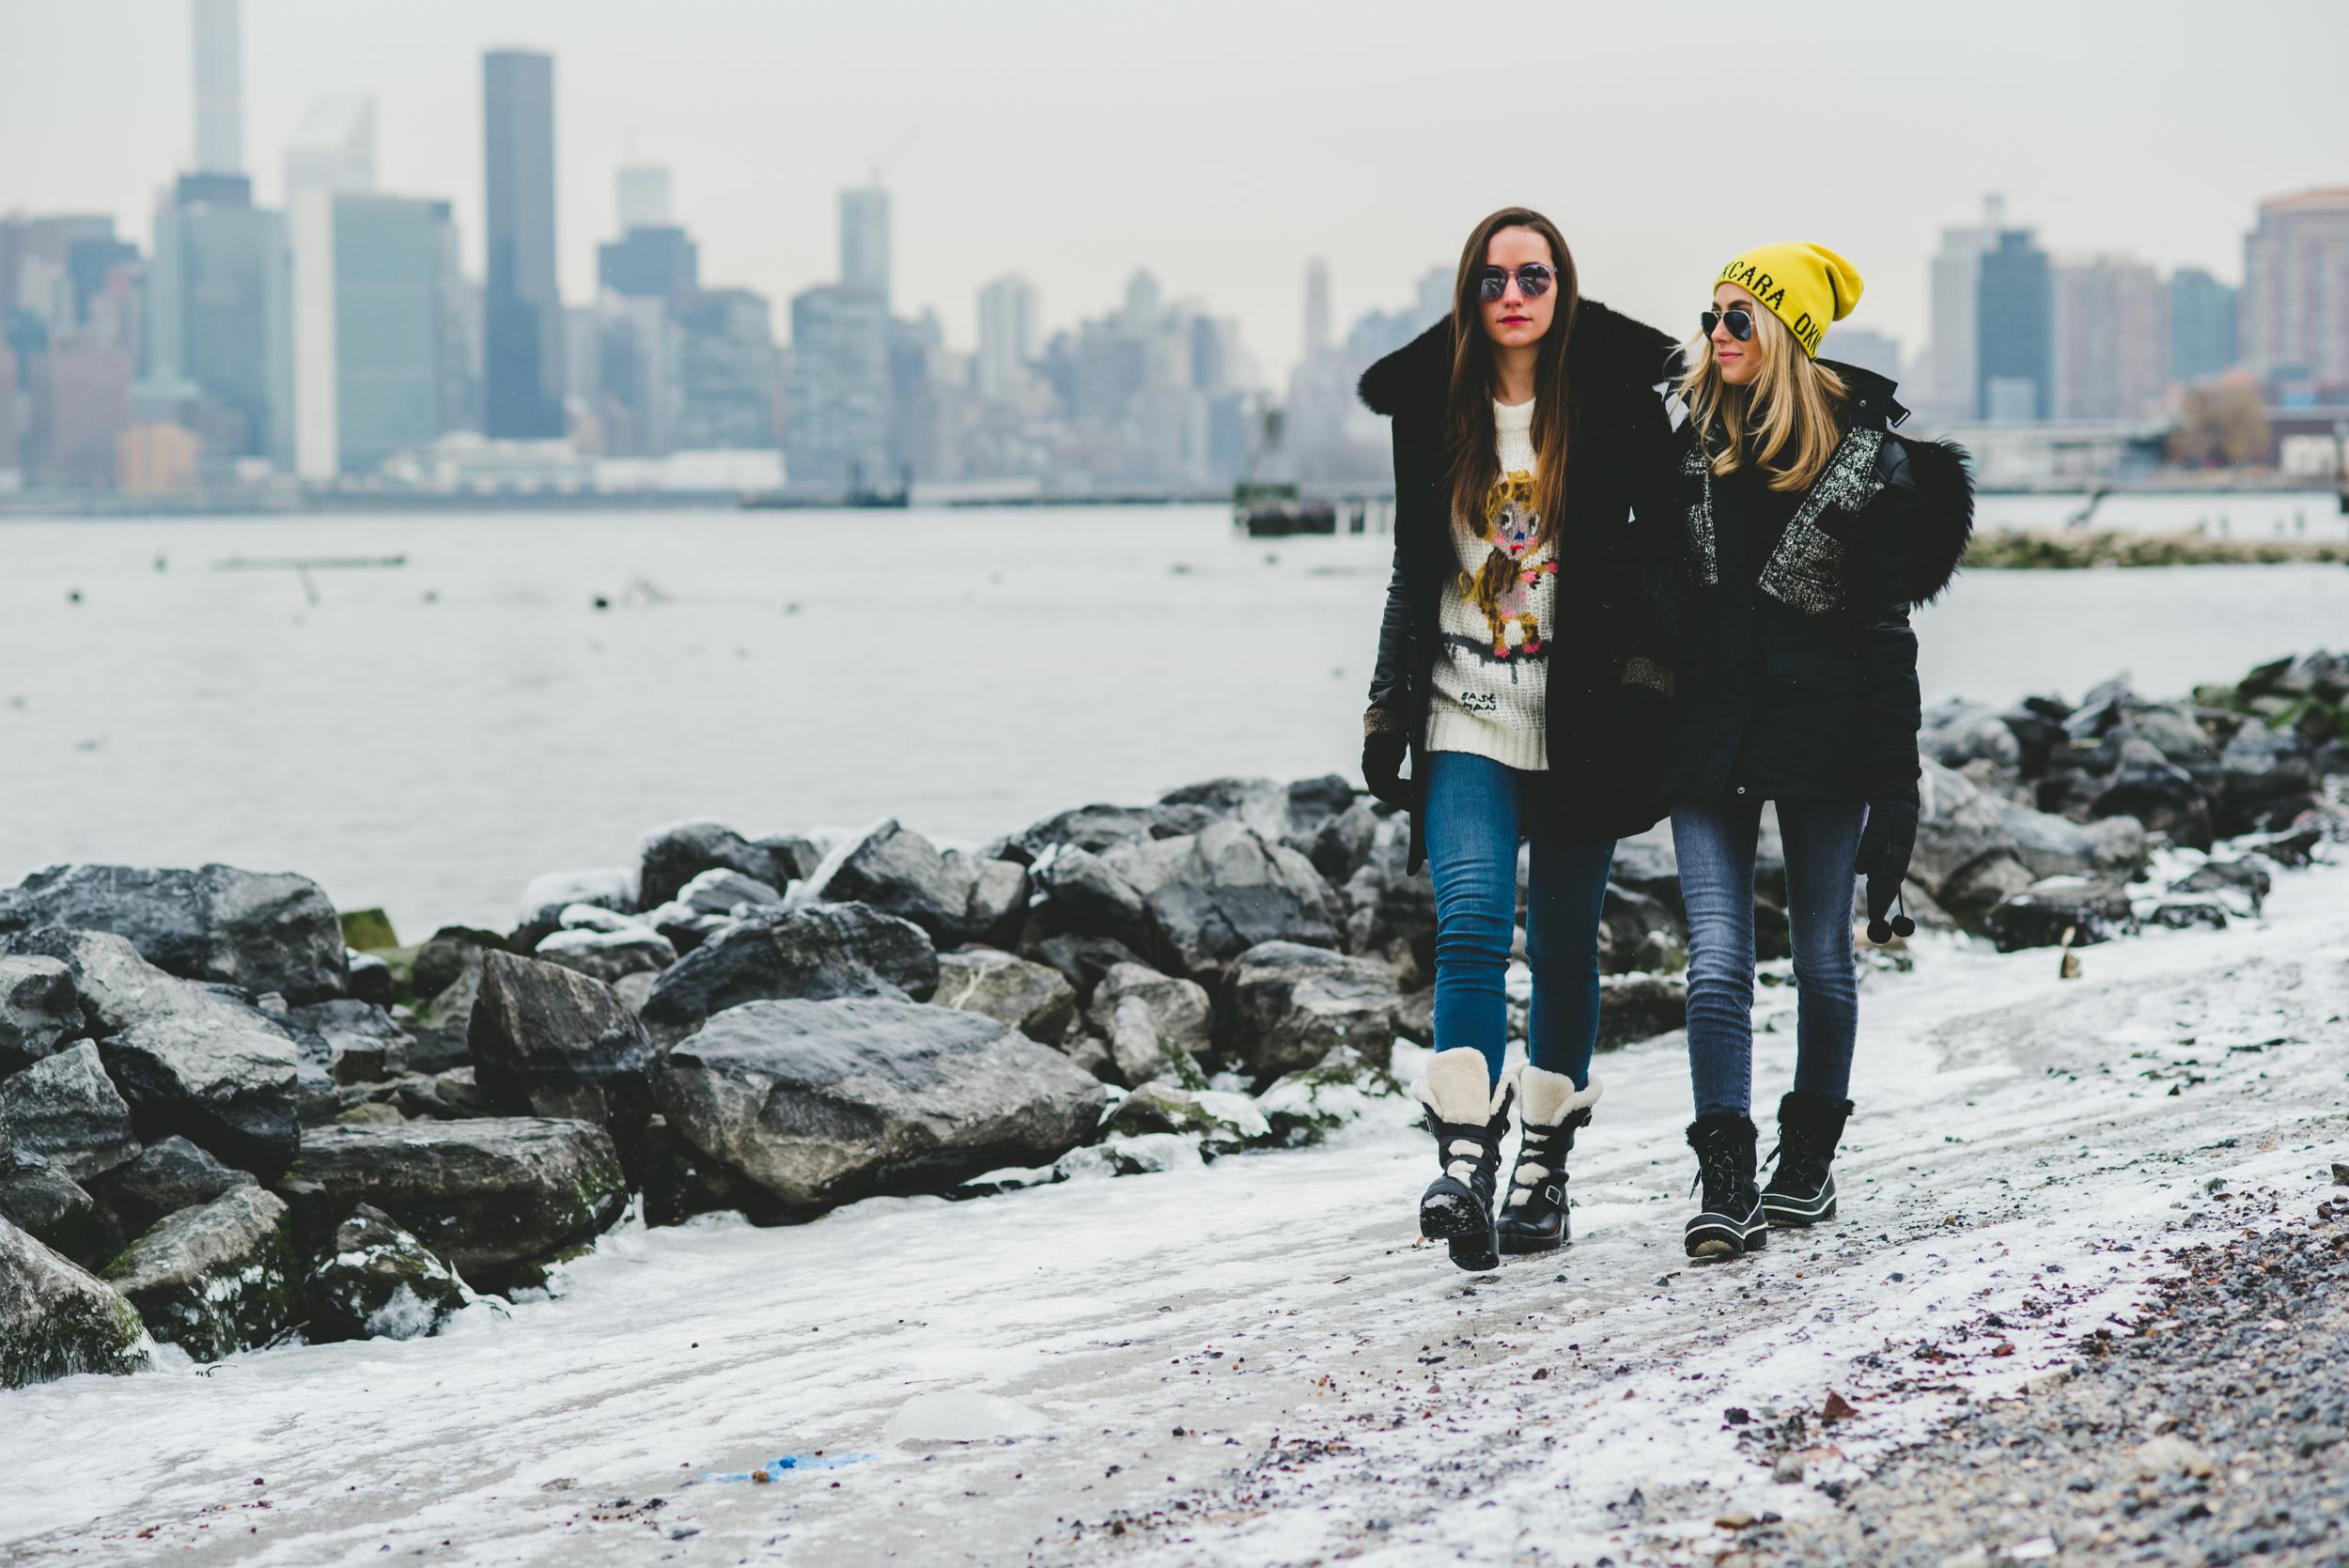 Sophie and Charlotte Walking Winter.jpg